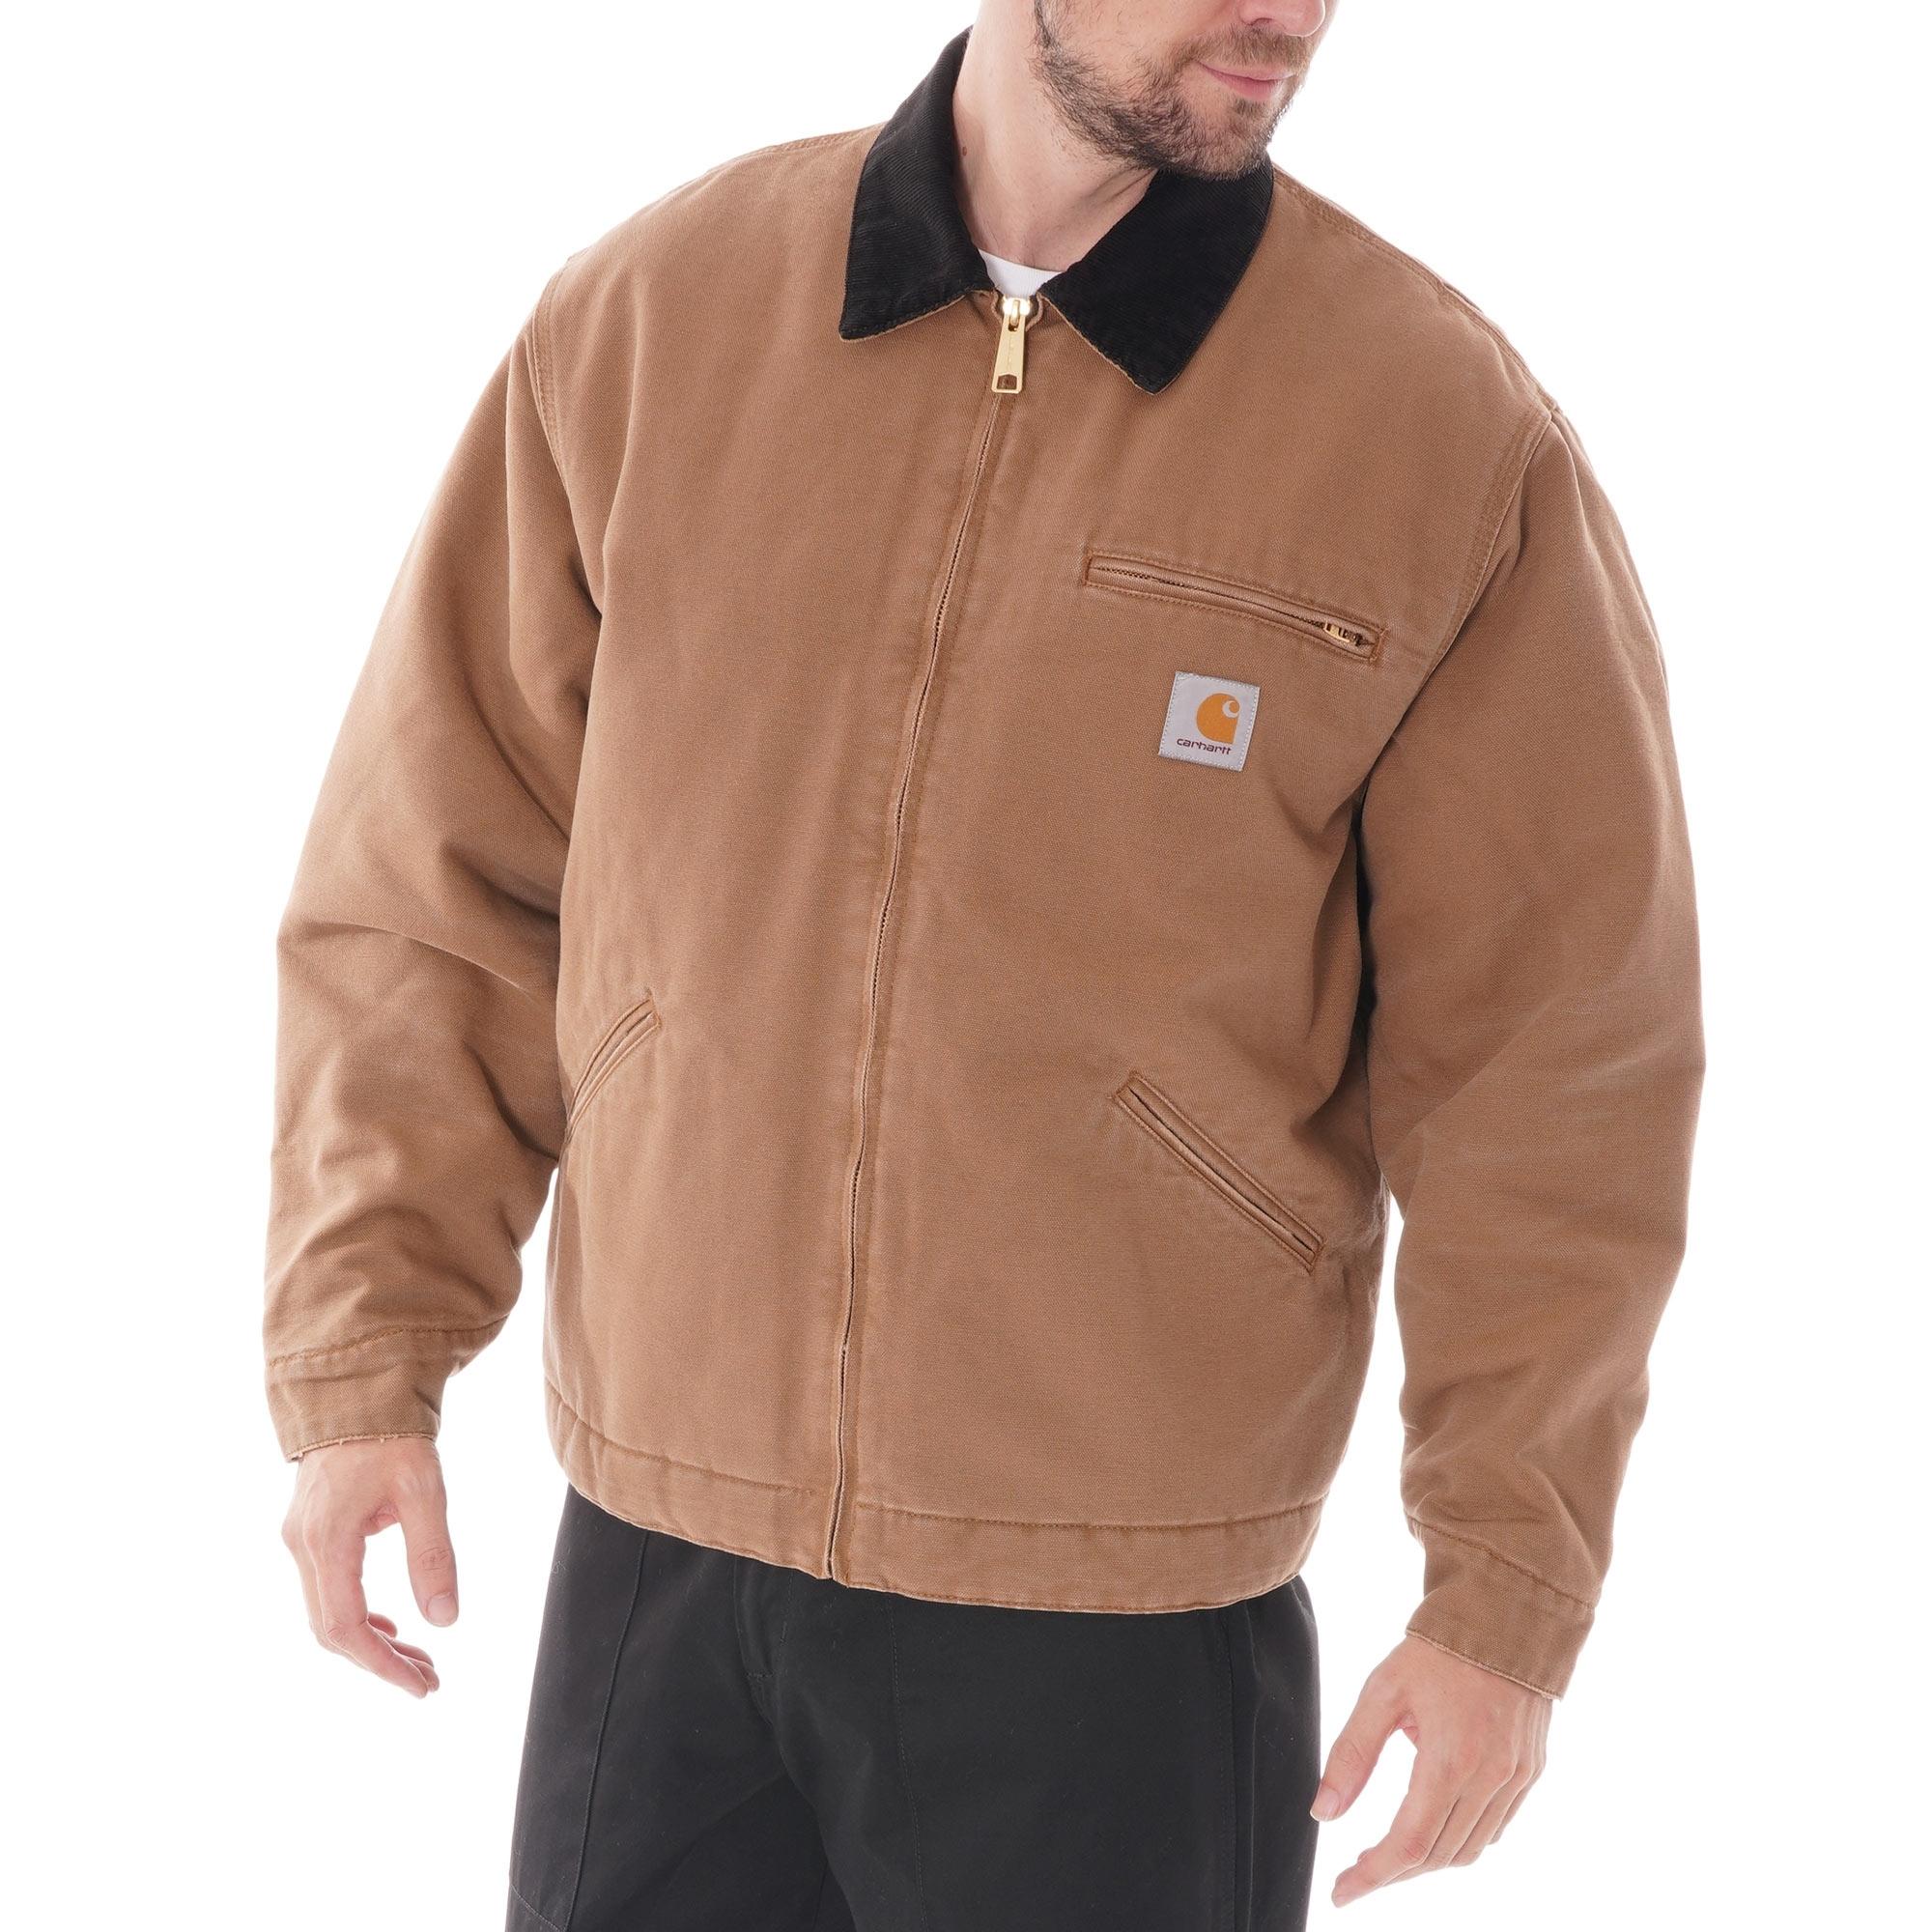 popular stores hot sale new high quality OG Detroit Jacket - Brown